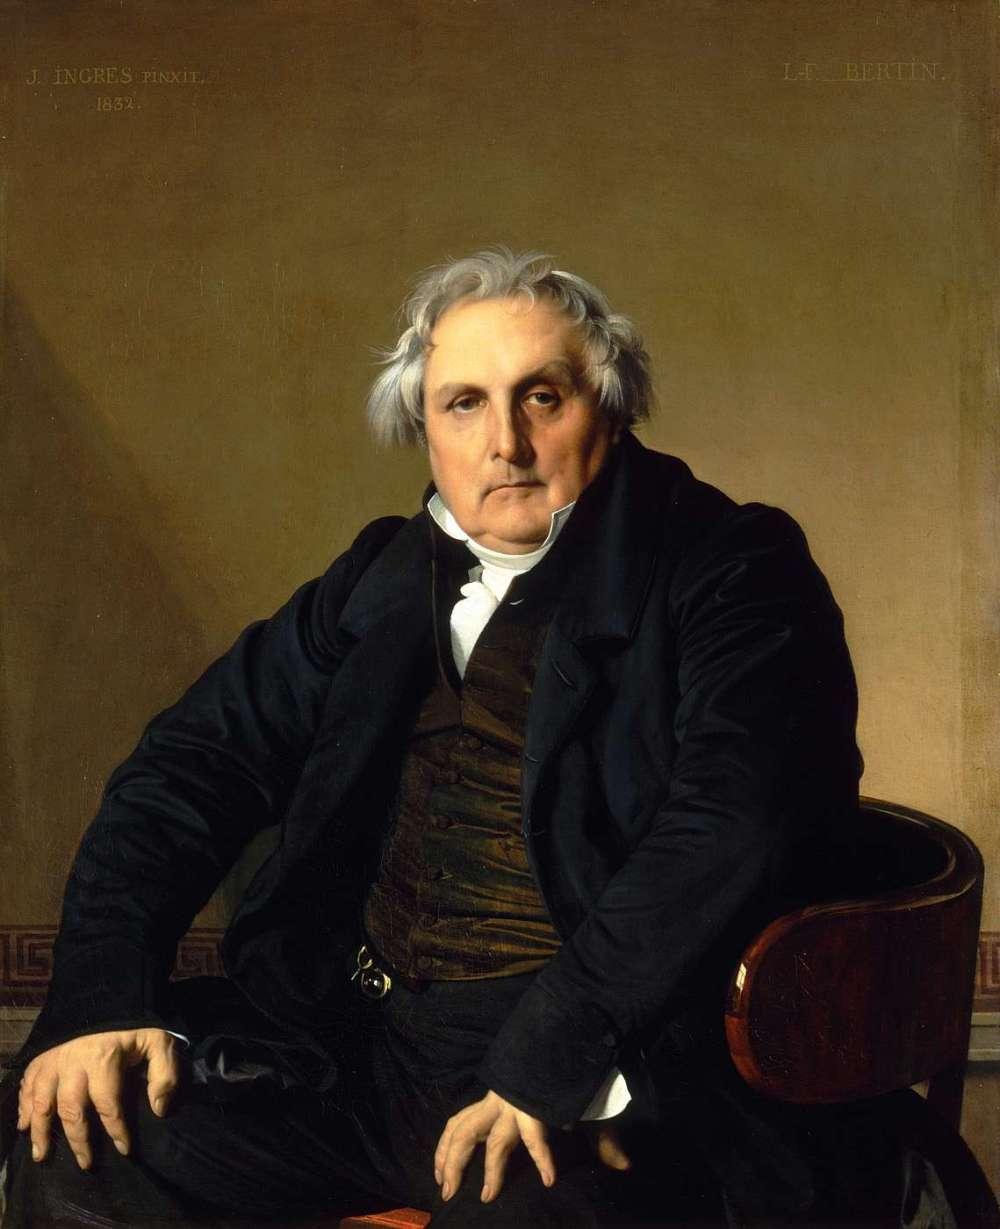 Jean-Auguste-Dominique Ingres. Retrato del señor Bertin.1832. Museo del Louvre. París.